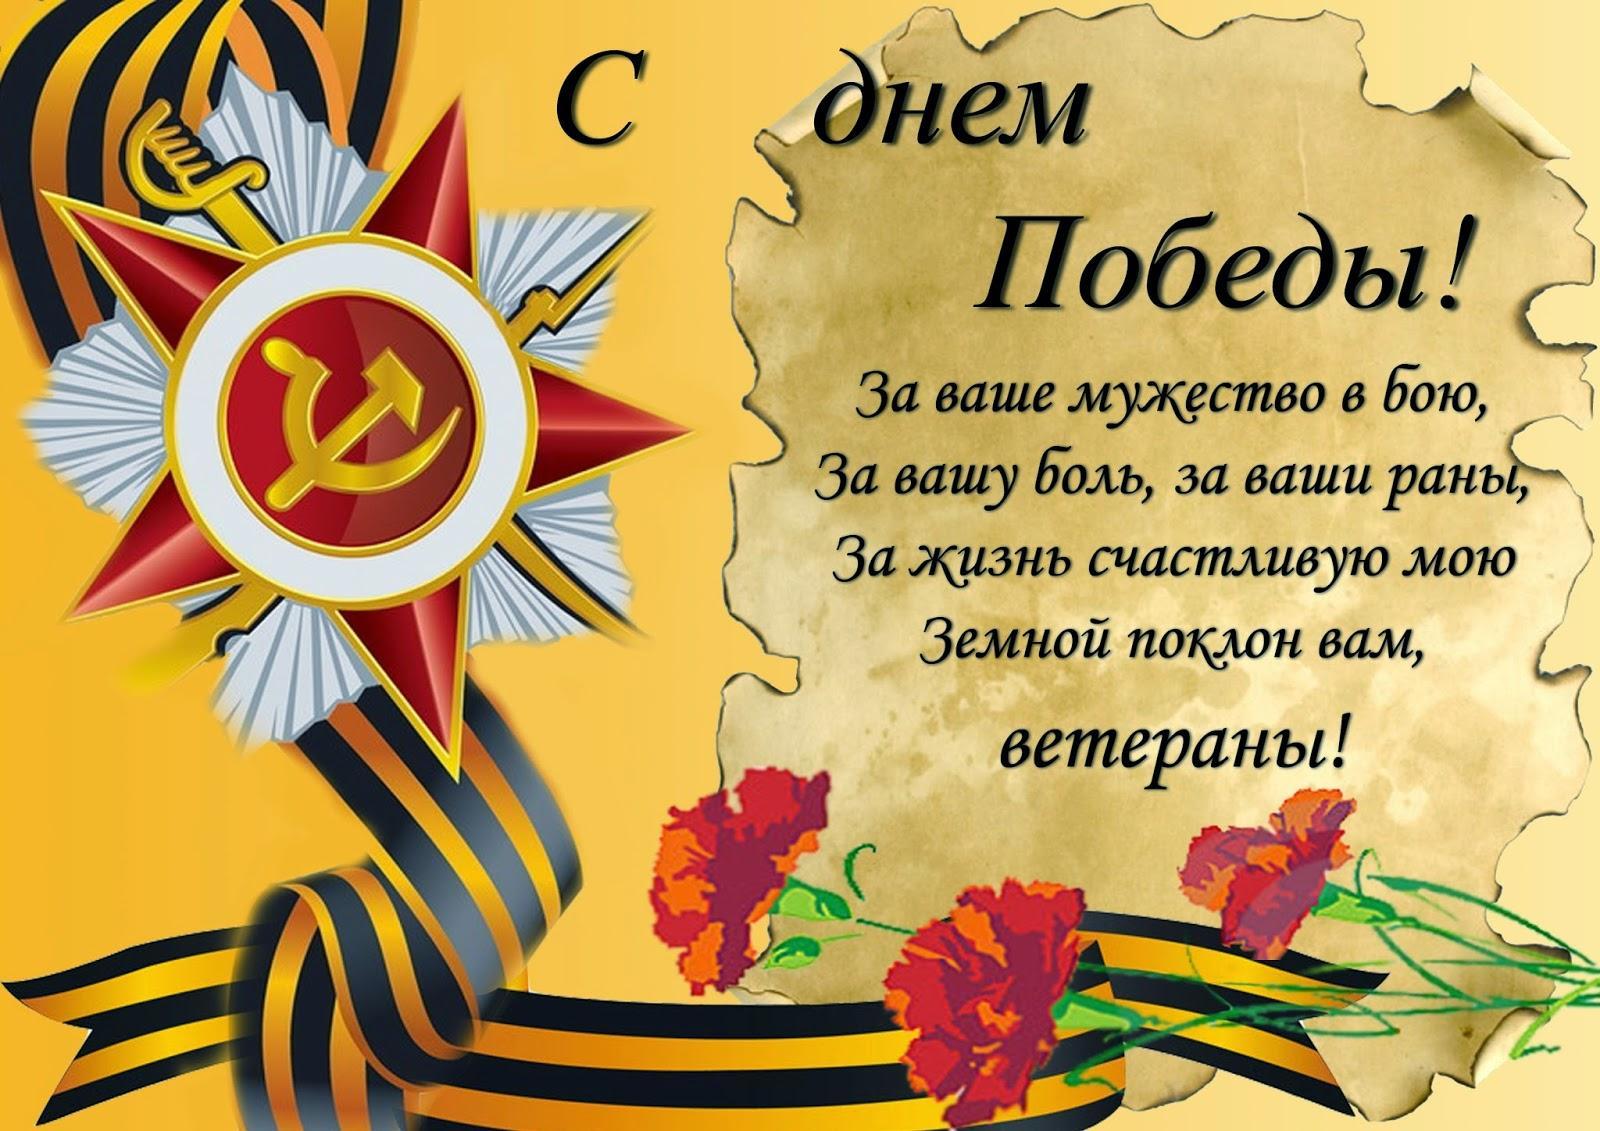 фото День Великой Победы: лучшие открытки и поздравления с 9 Мая 22